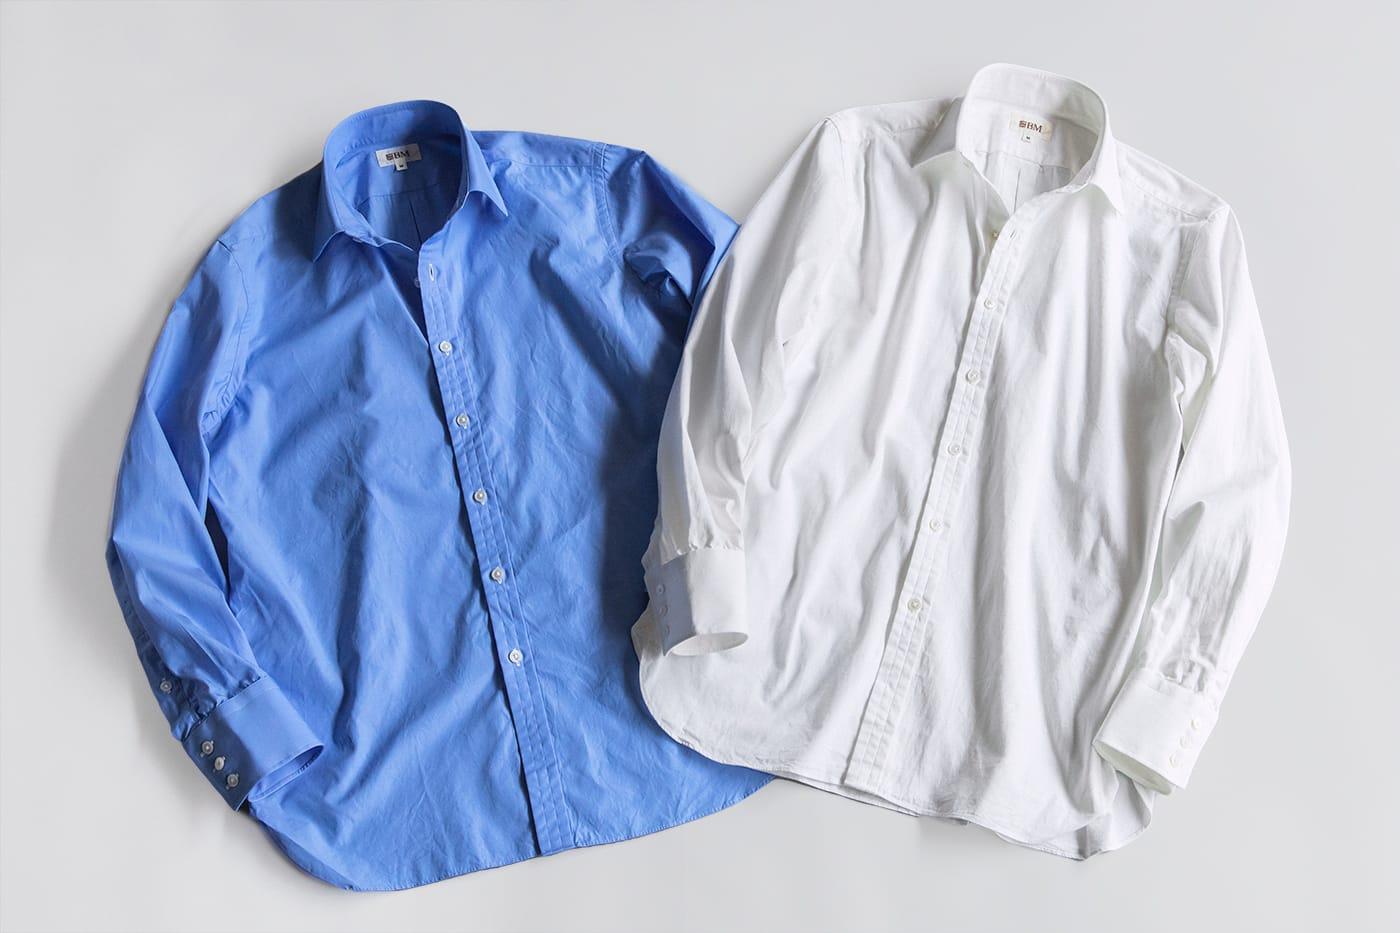 """カジュアルシャツ「ブライトン」 ビスポークテイストのクラシックシャツを、あえて""""ゆったり""""カジュアル化"""